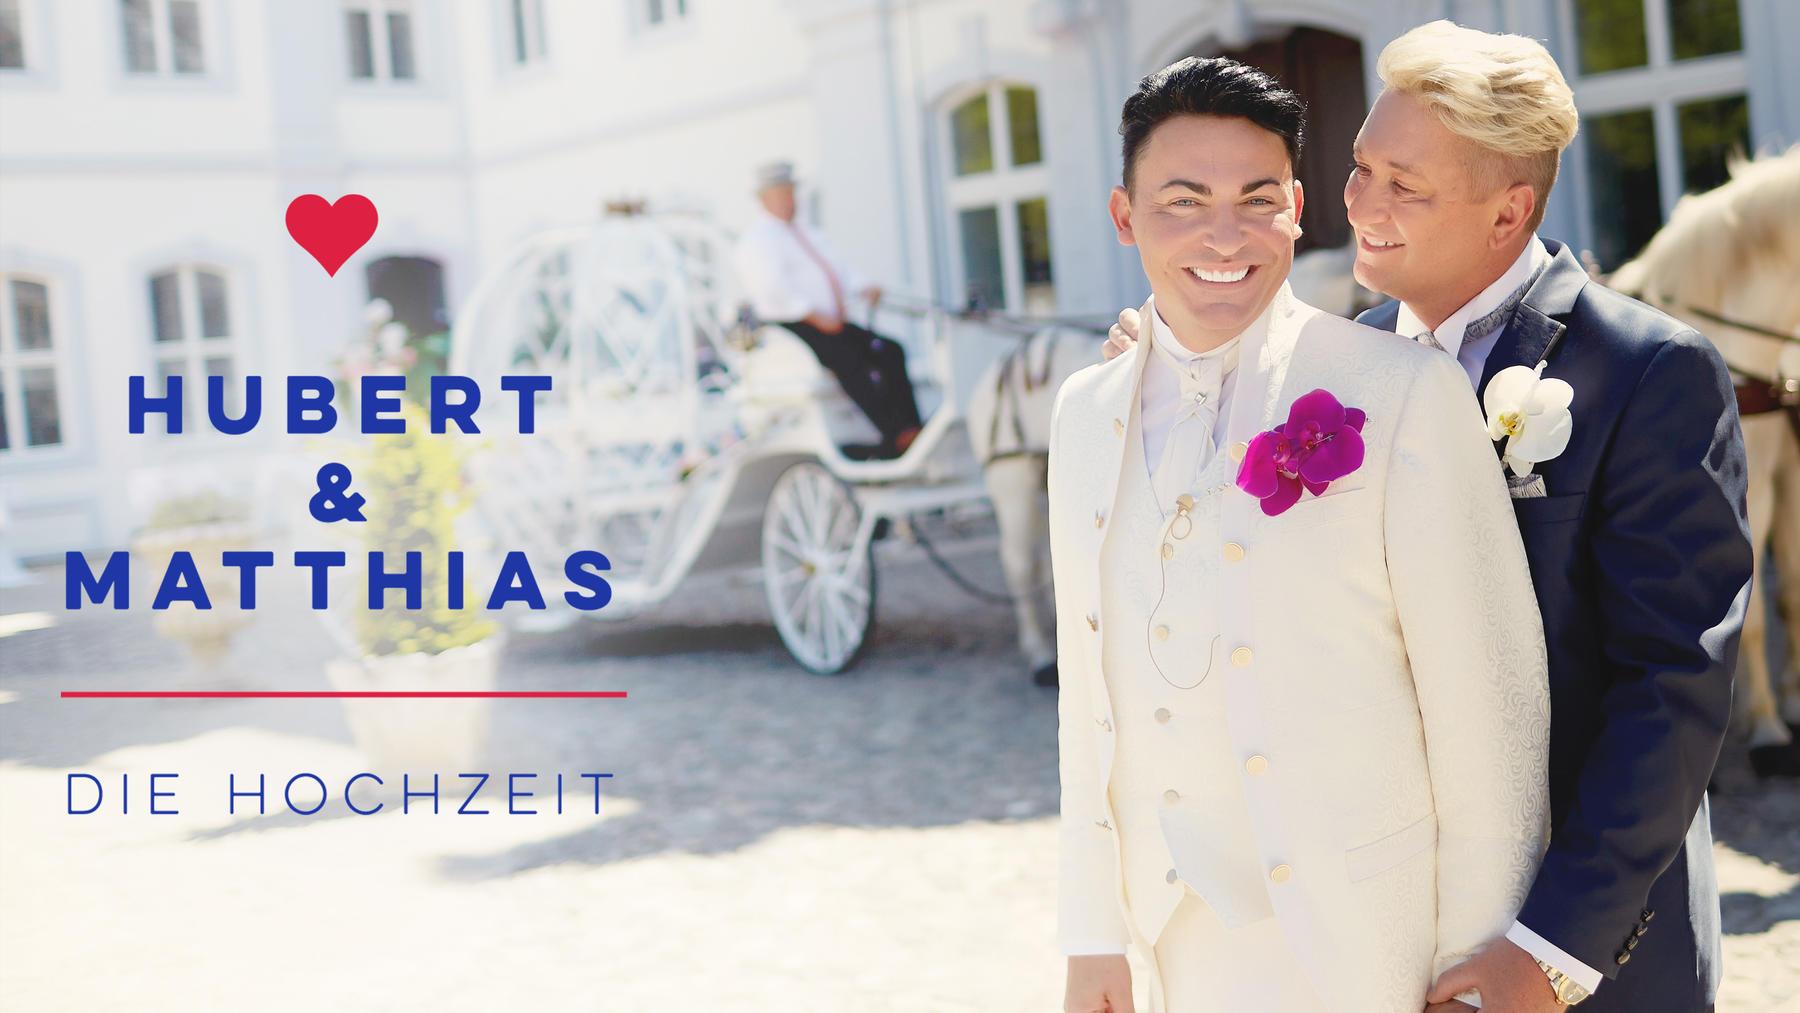 Hubert & Matthias - Die Hochzeit